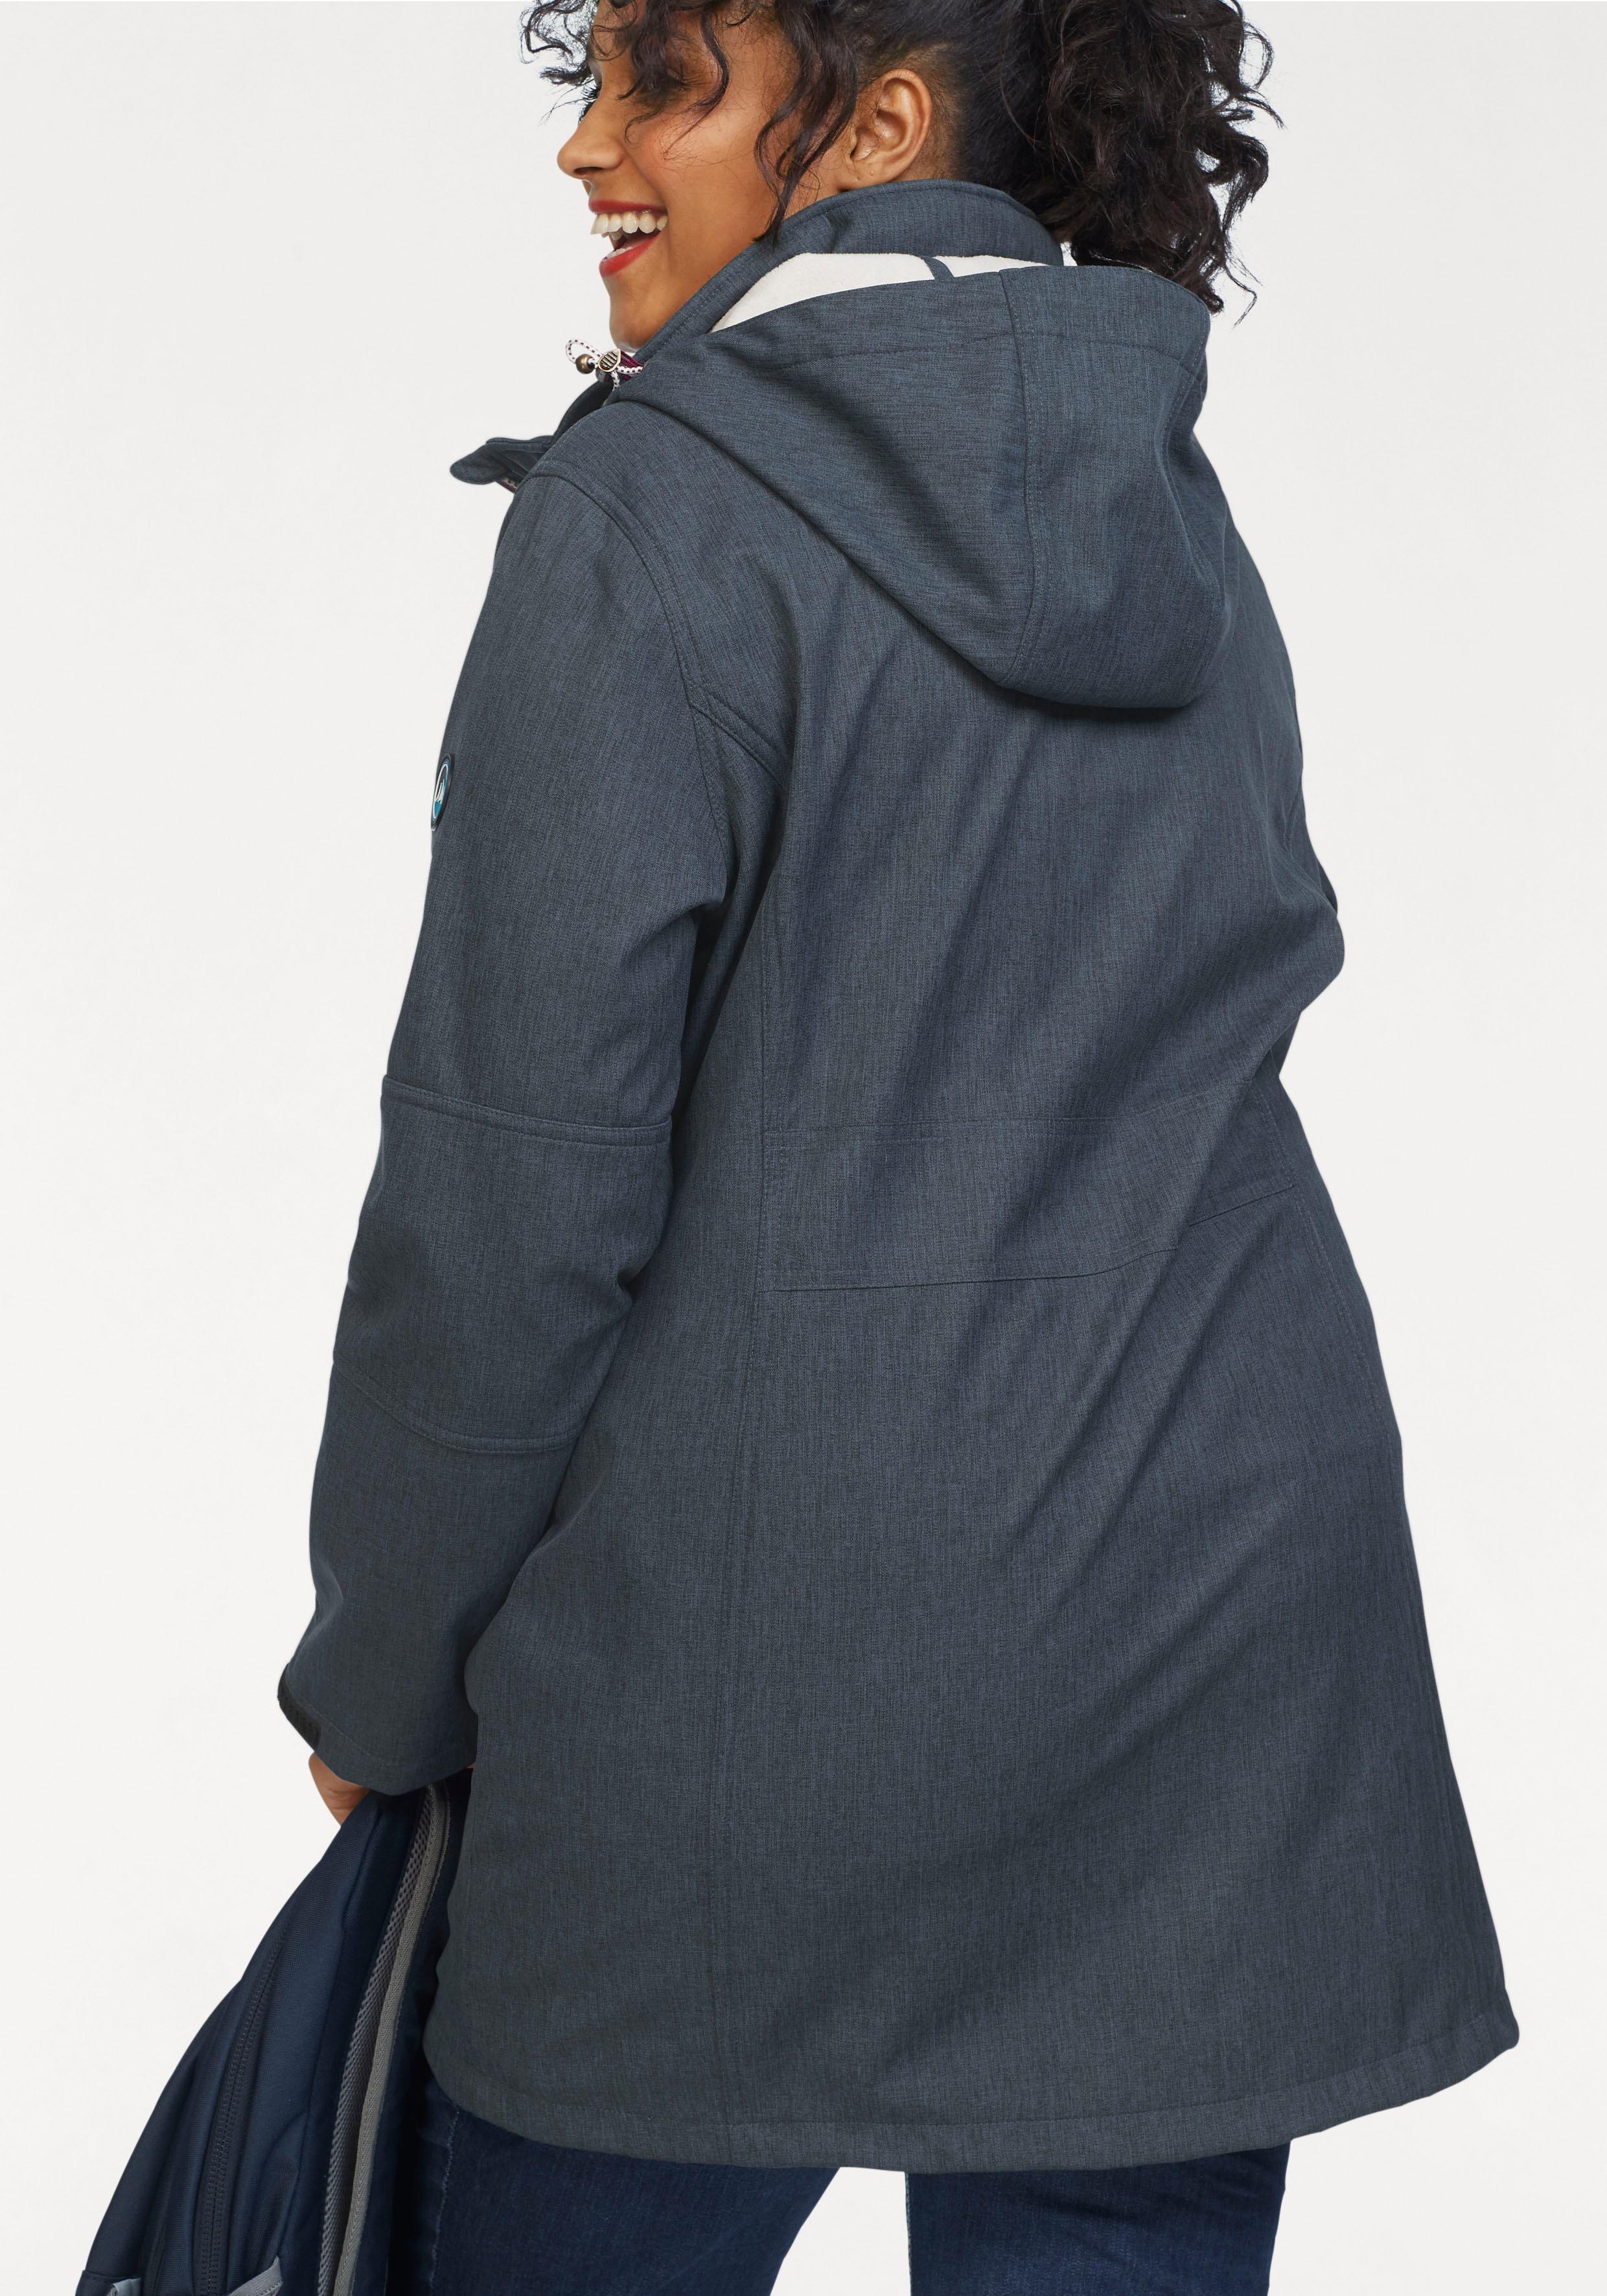 Polarino Softshellparka Softshellparka Softshellparka Damenmode Lange Jacken Damen Jacken ecf4ce